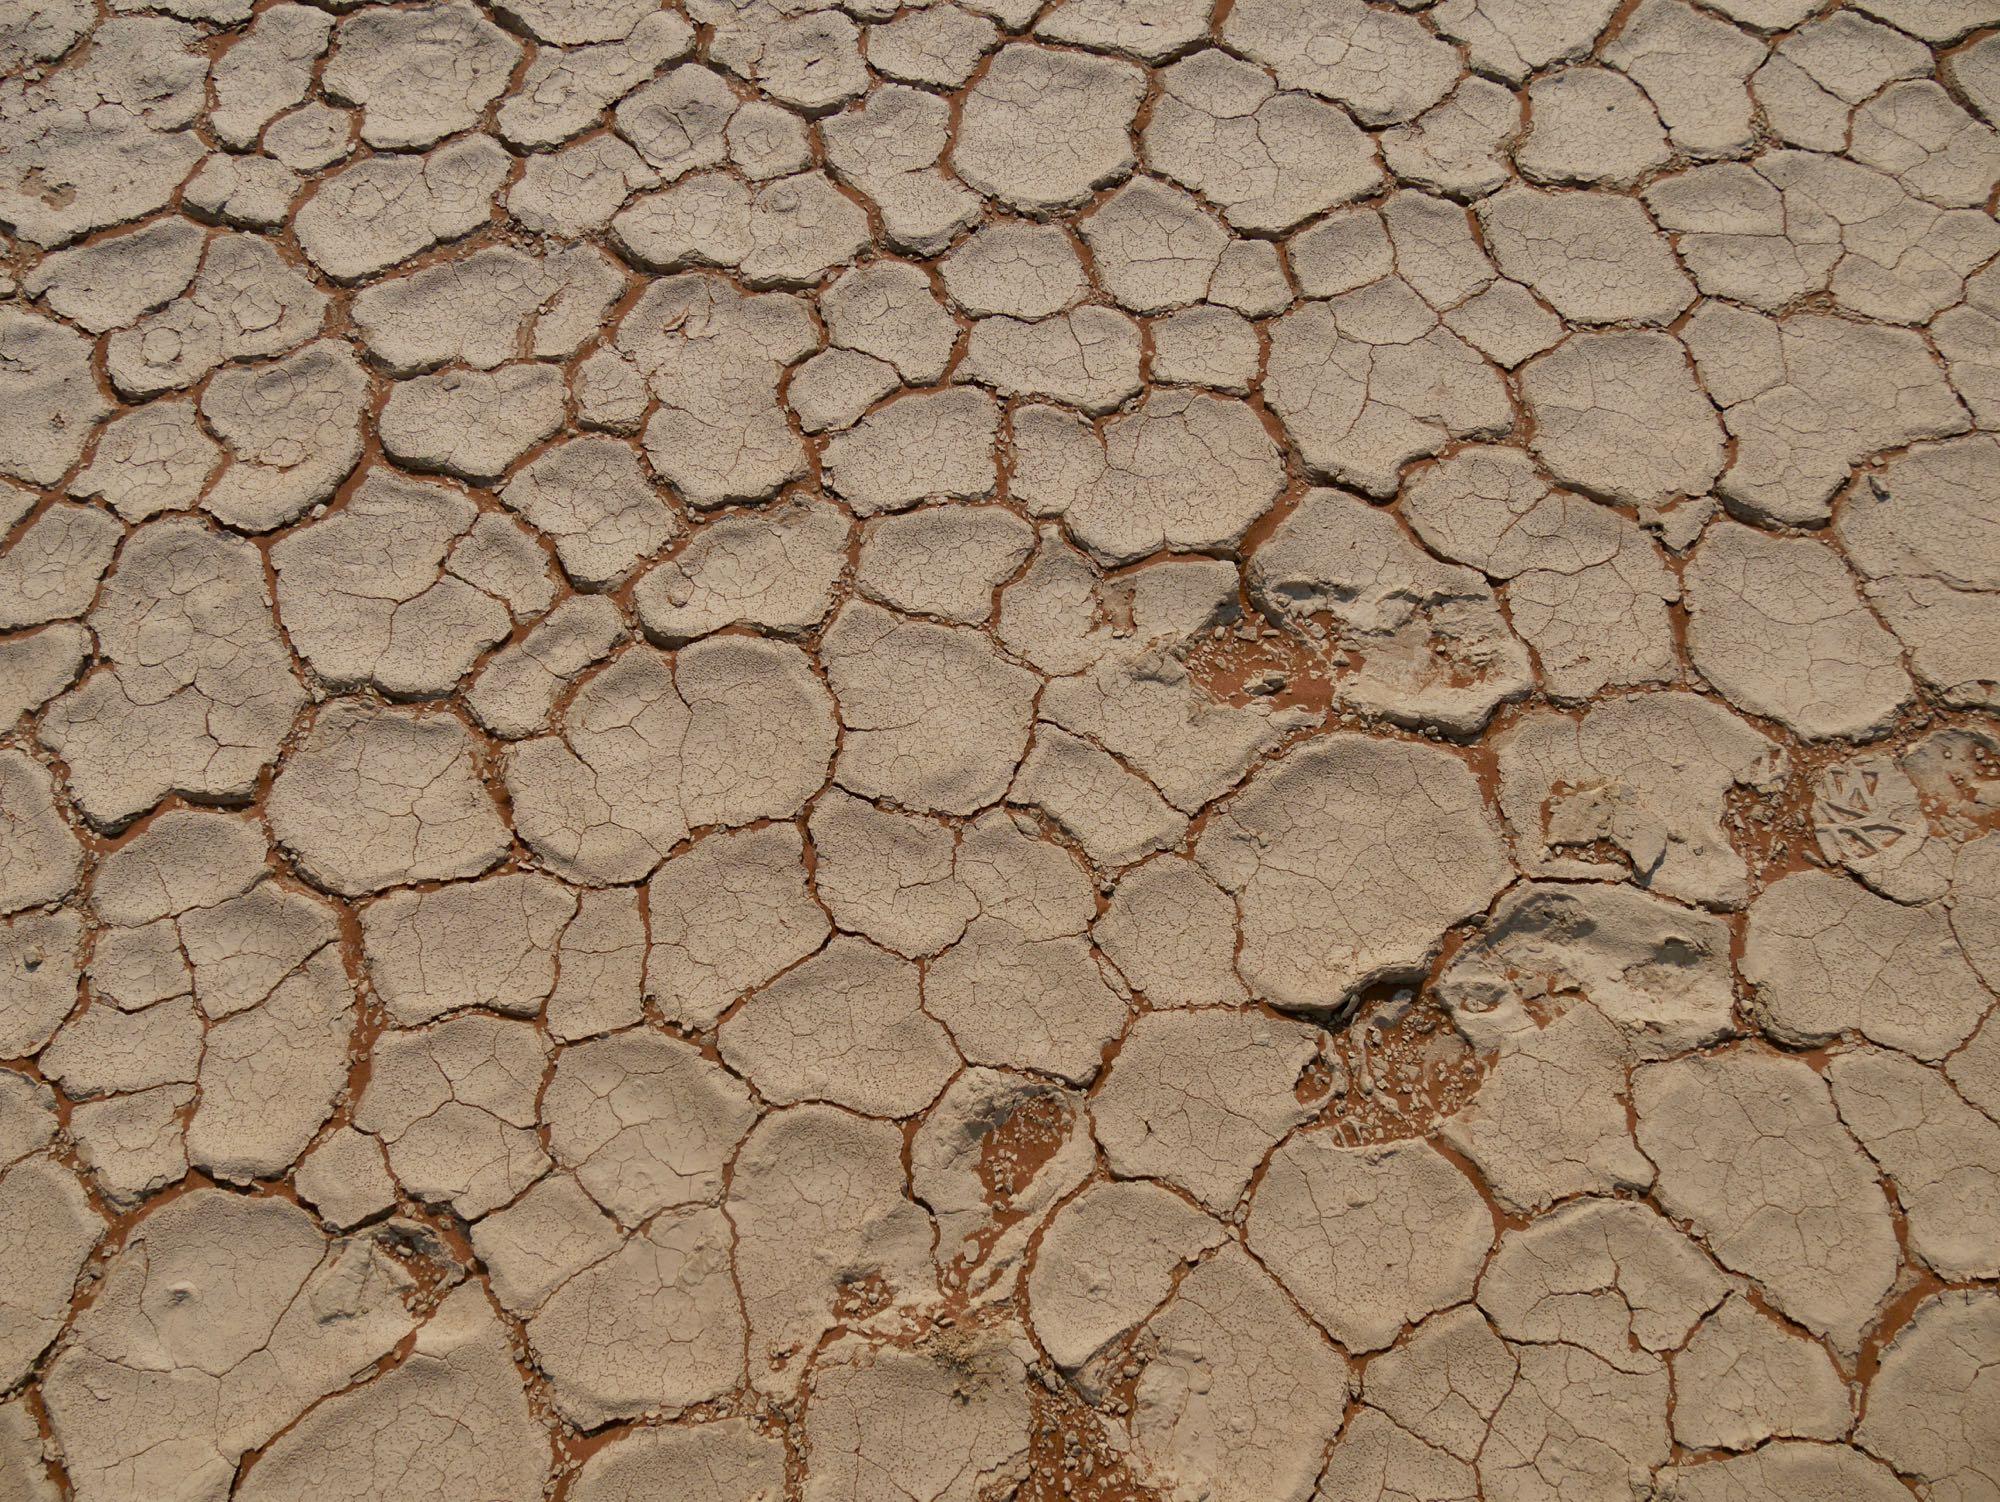 Le sol craquelé de Dead Vlei